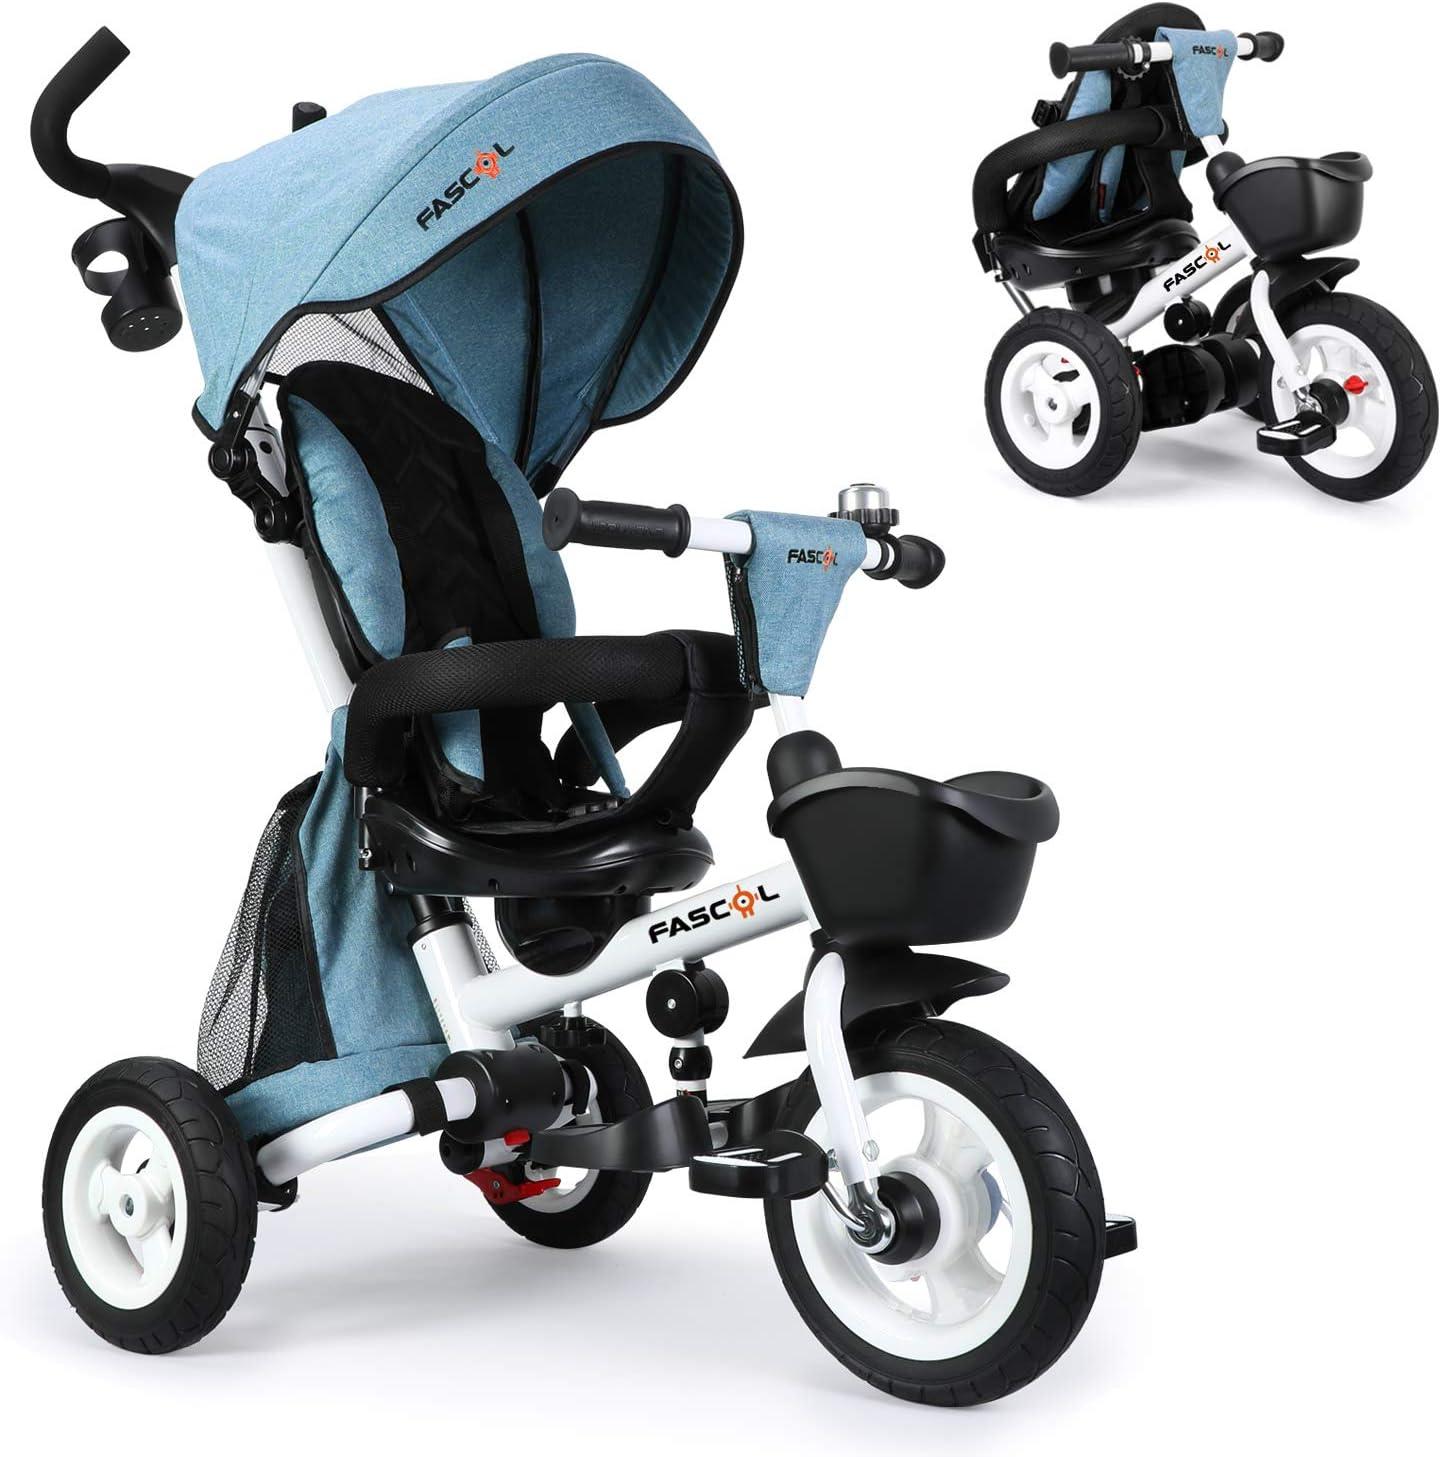 Fascol 6 en 1 Triciclos Bebés Plegables con Ruedas de Goma y 360° Asiento Giratorio, Triciclo Evolutivo para 6 Meses a 5 Años Niños con Capota Desmontable y Barra Telescópica, Carga Máxima 30 kg, Azul